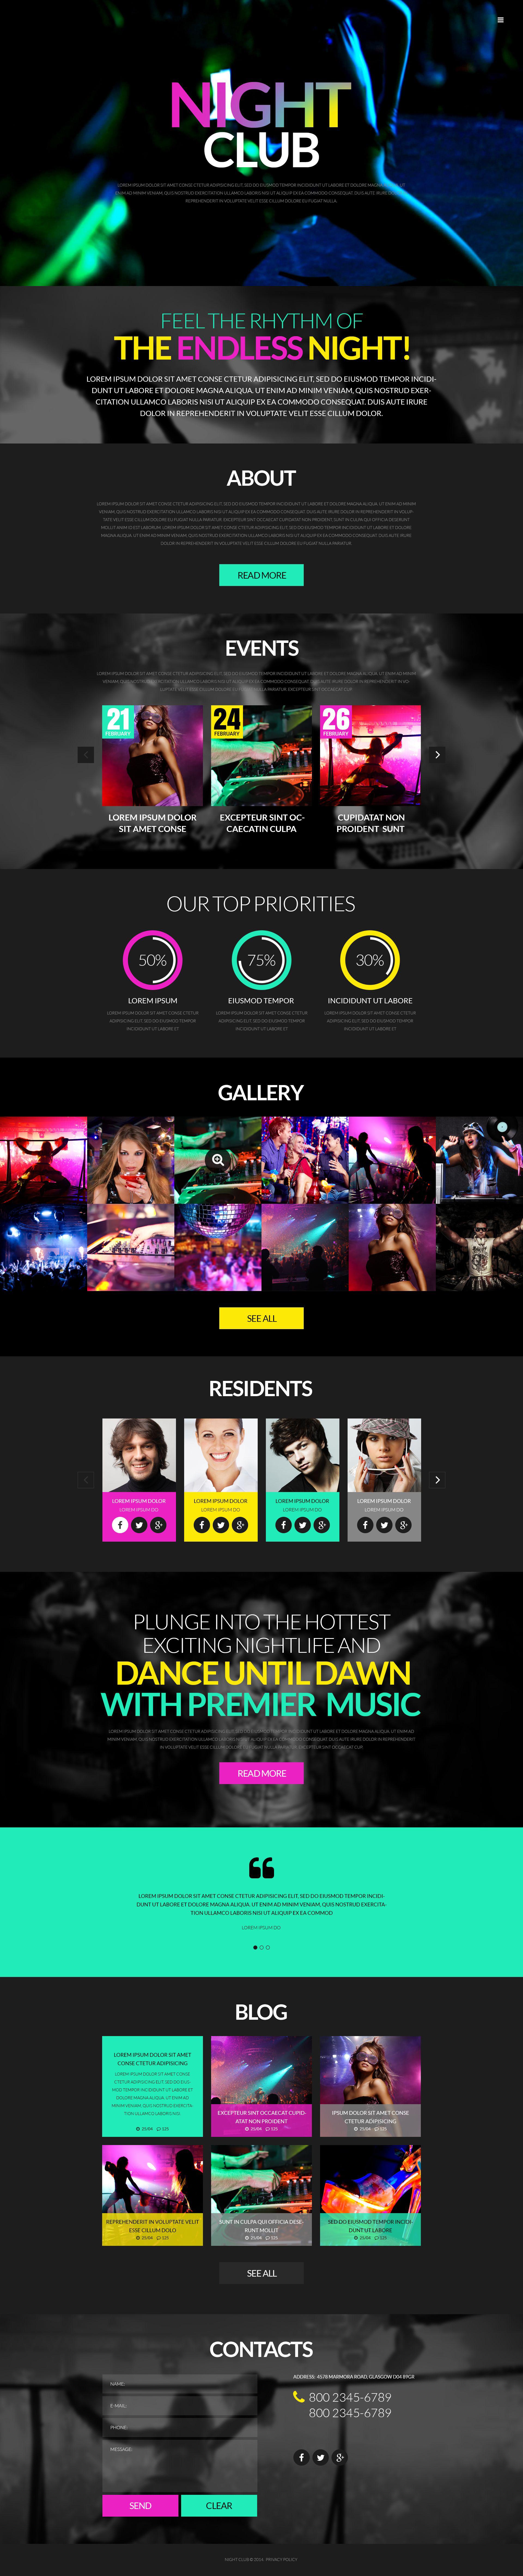 Reszponzív Party WordPress sablon 51986 - képernyőkép